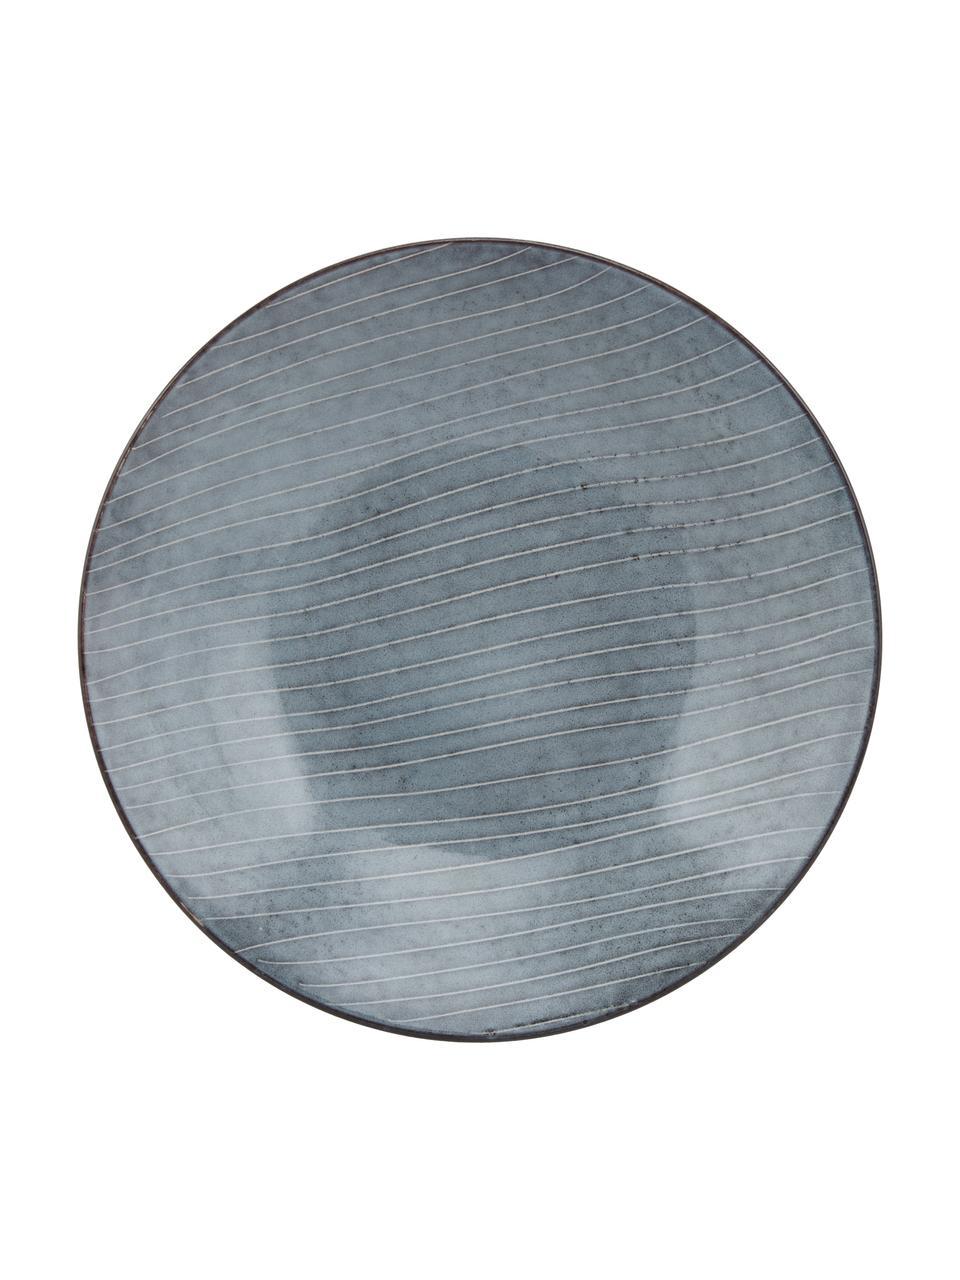 Handgemachte Suppenteller Nordic Sea Ø 22 cm aus Steingut, 4 Stück, Steingut, Grau- und Blautöne, Ø 22 x H 5 cm